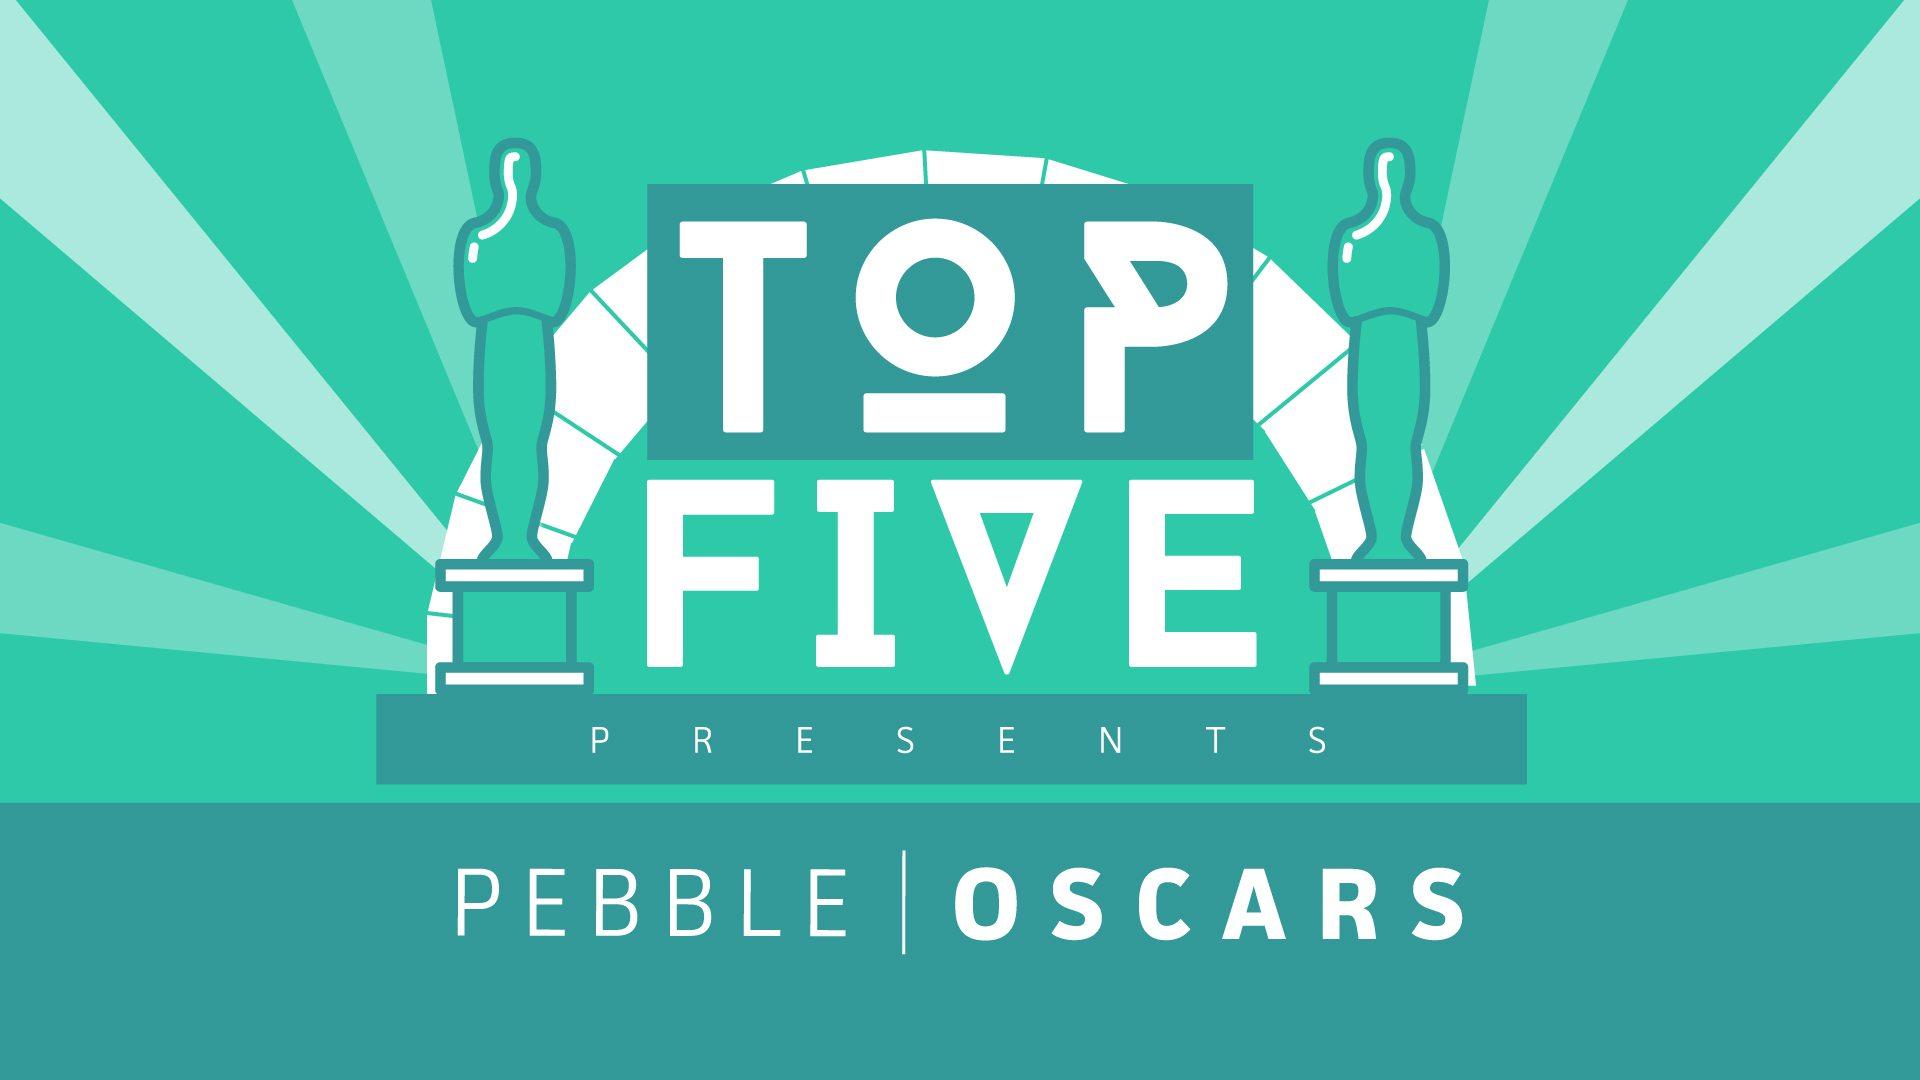 Pebble Oscars